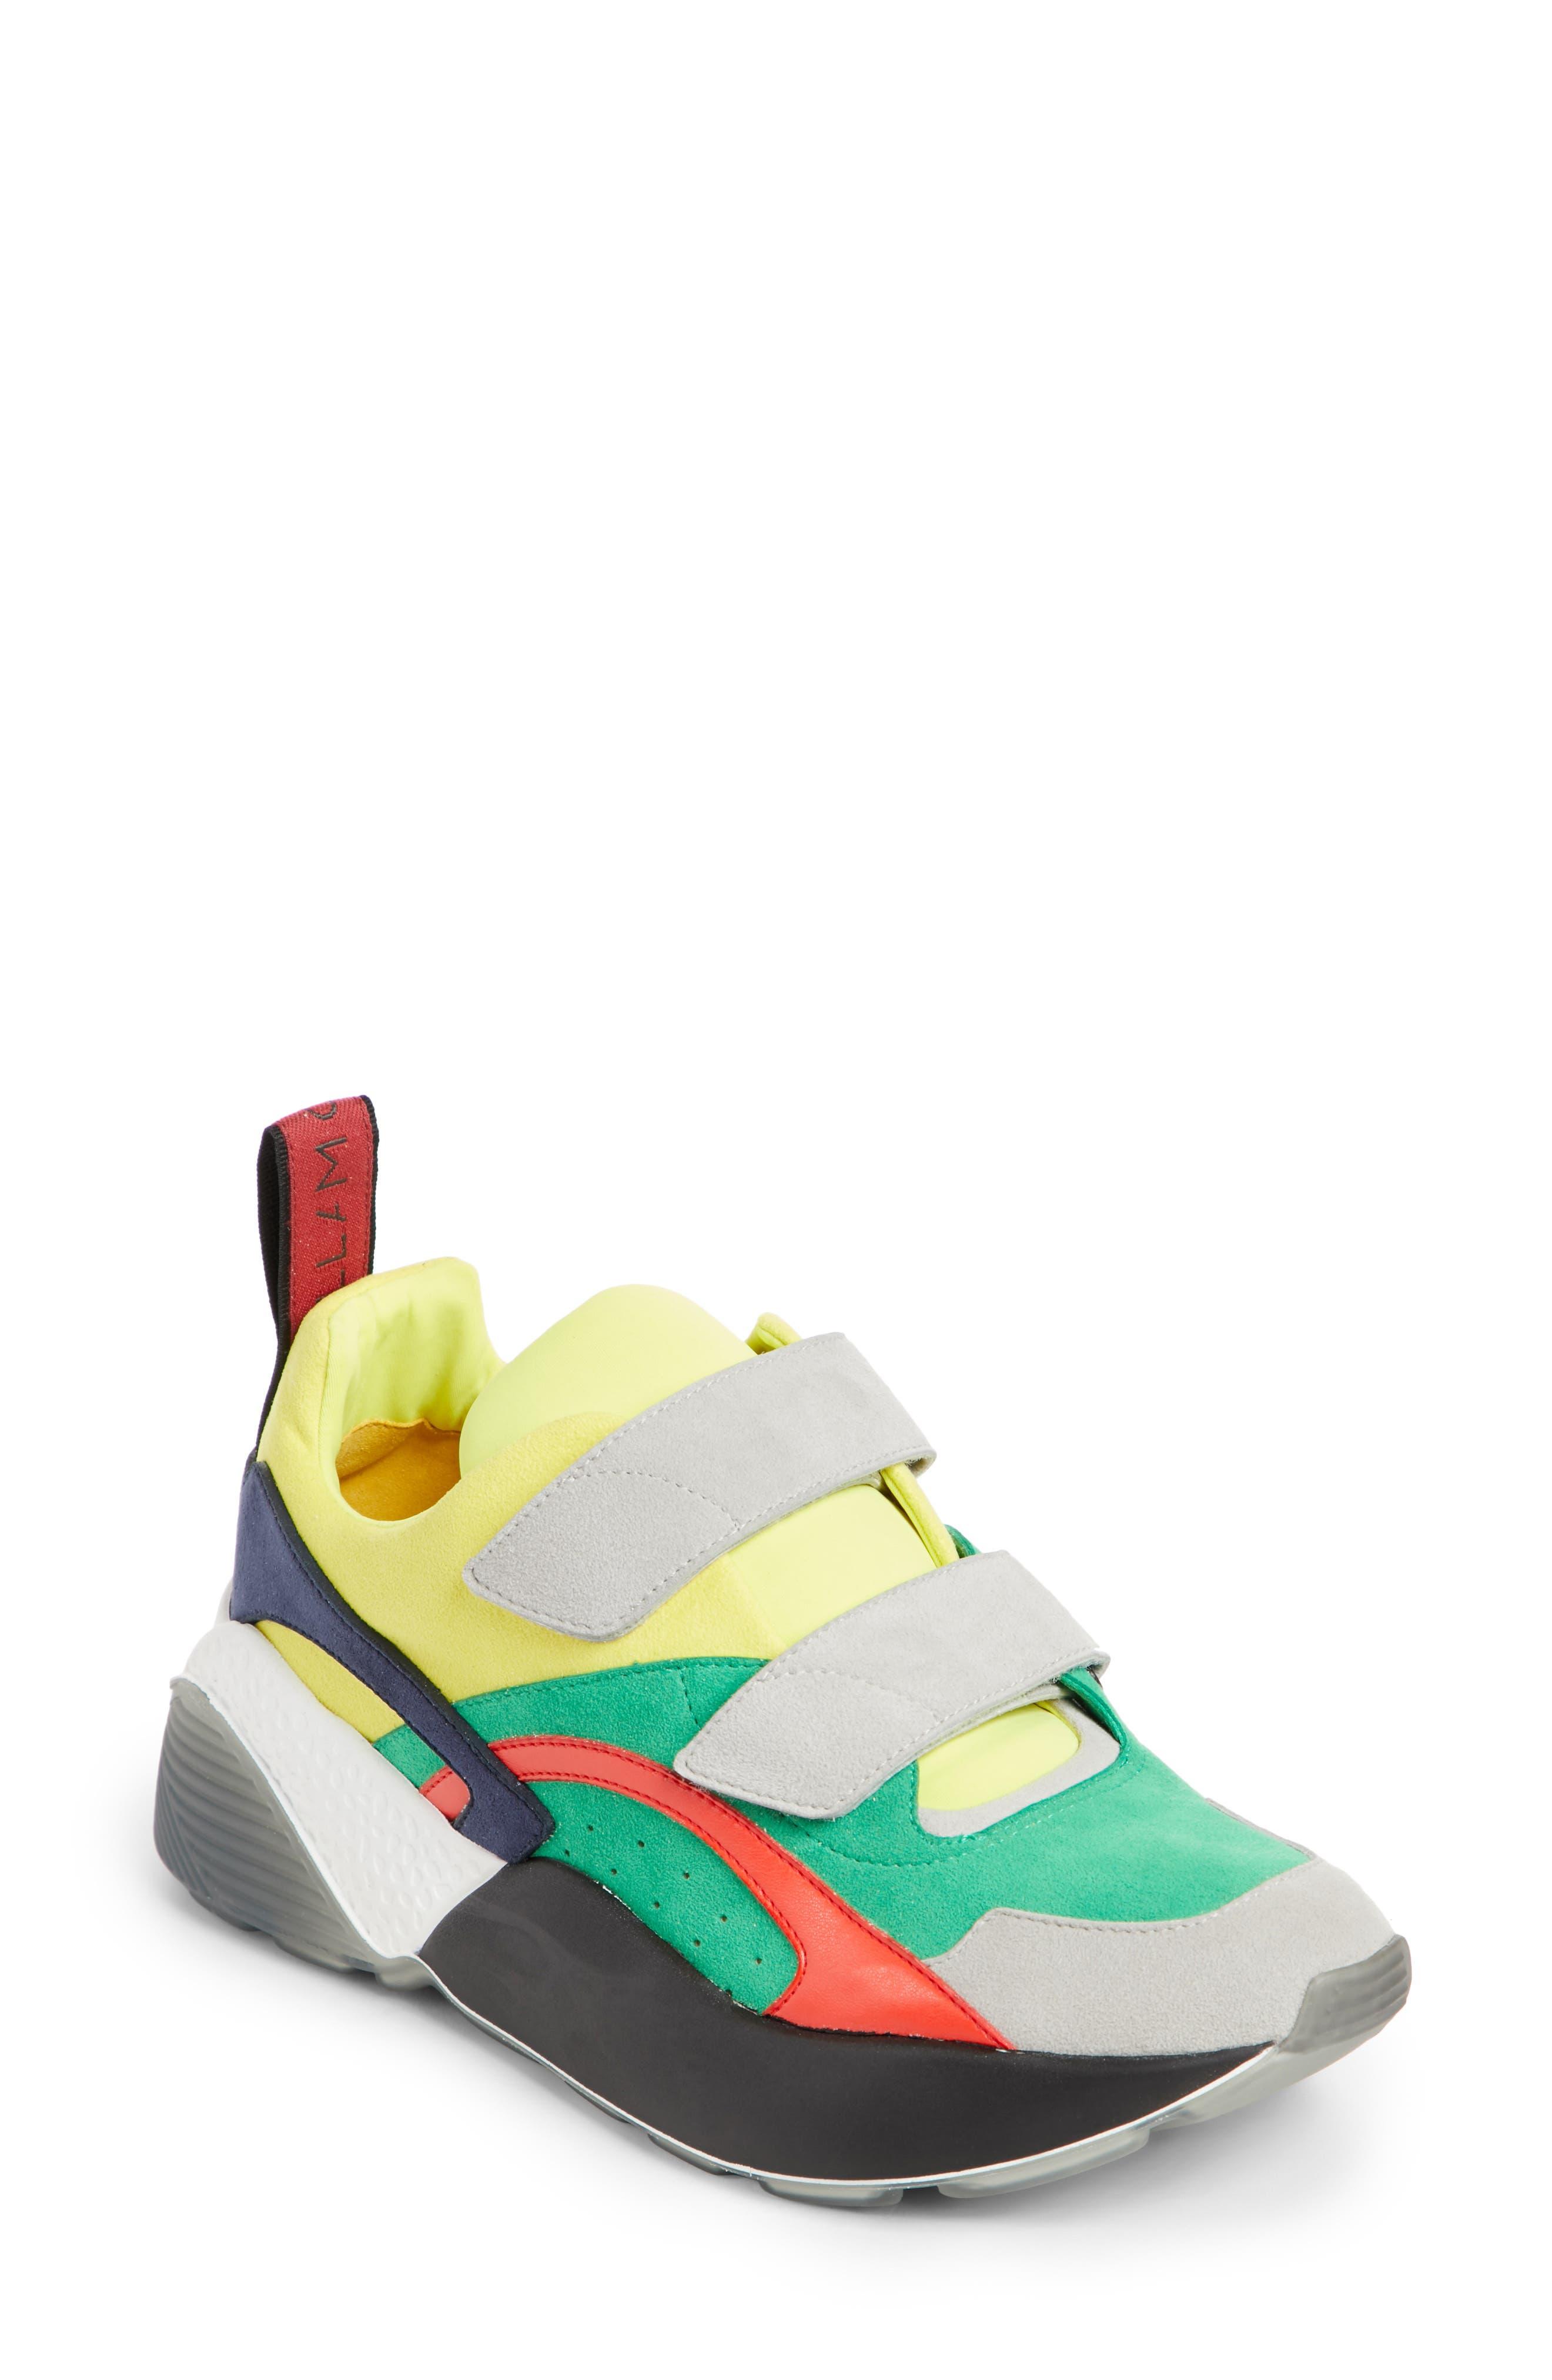 Stella McCartney Low Top Sneaker (Women)